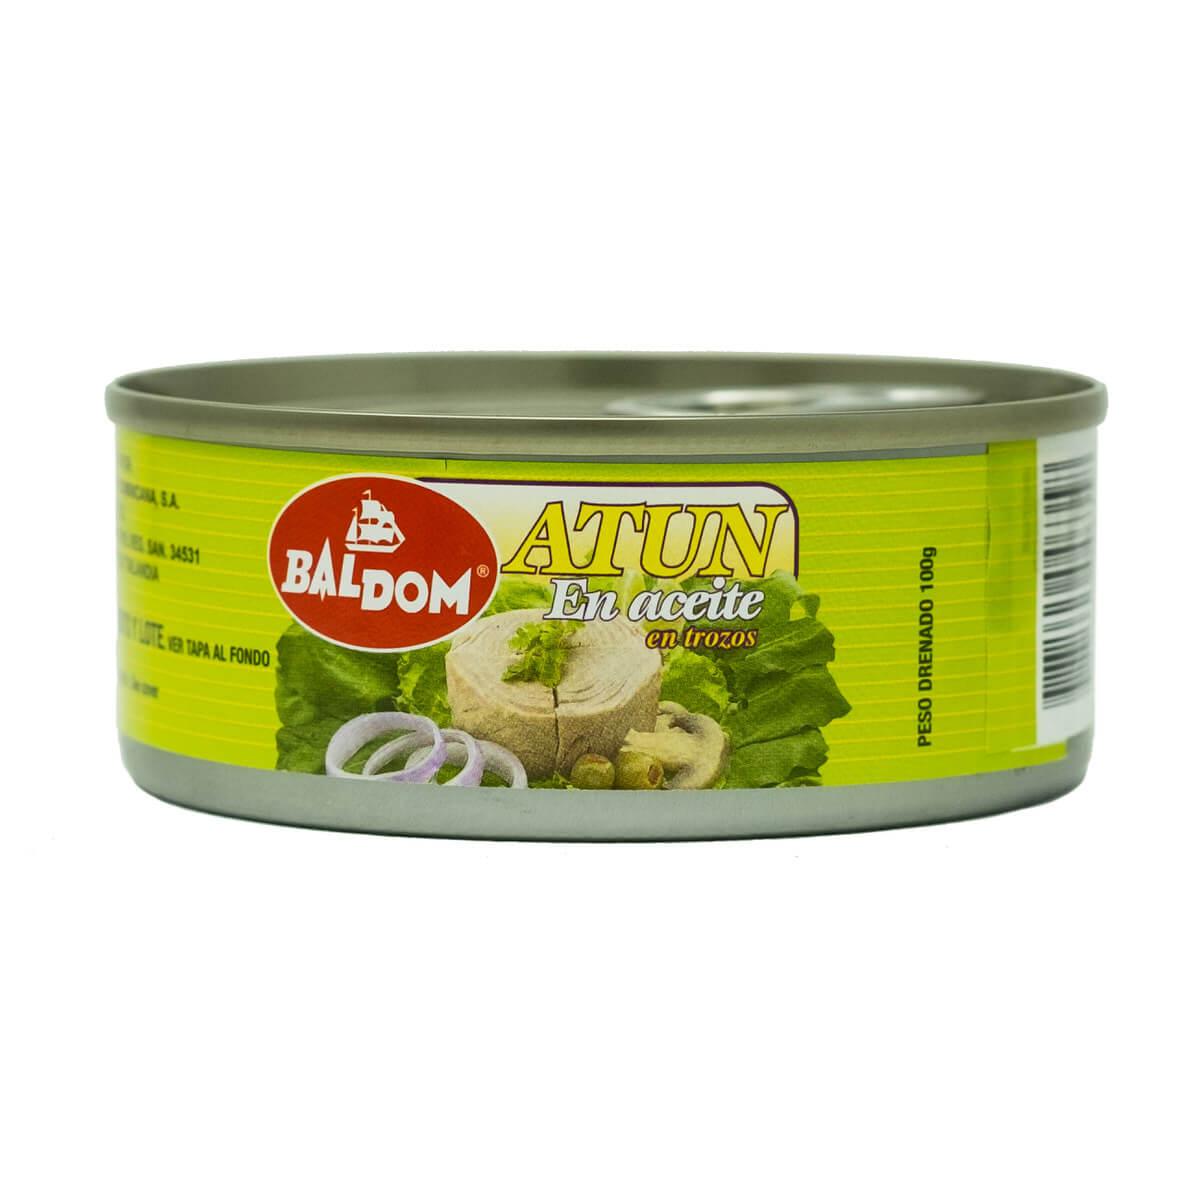 Tuna en Aceite en trozos